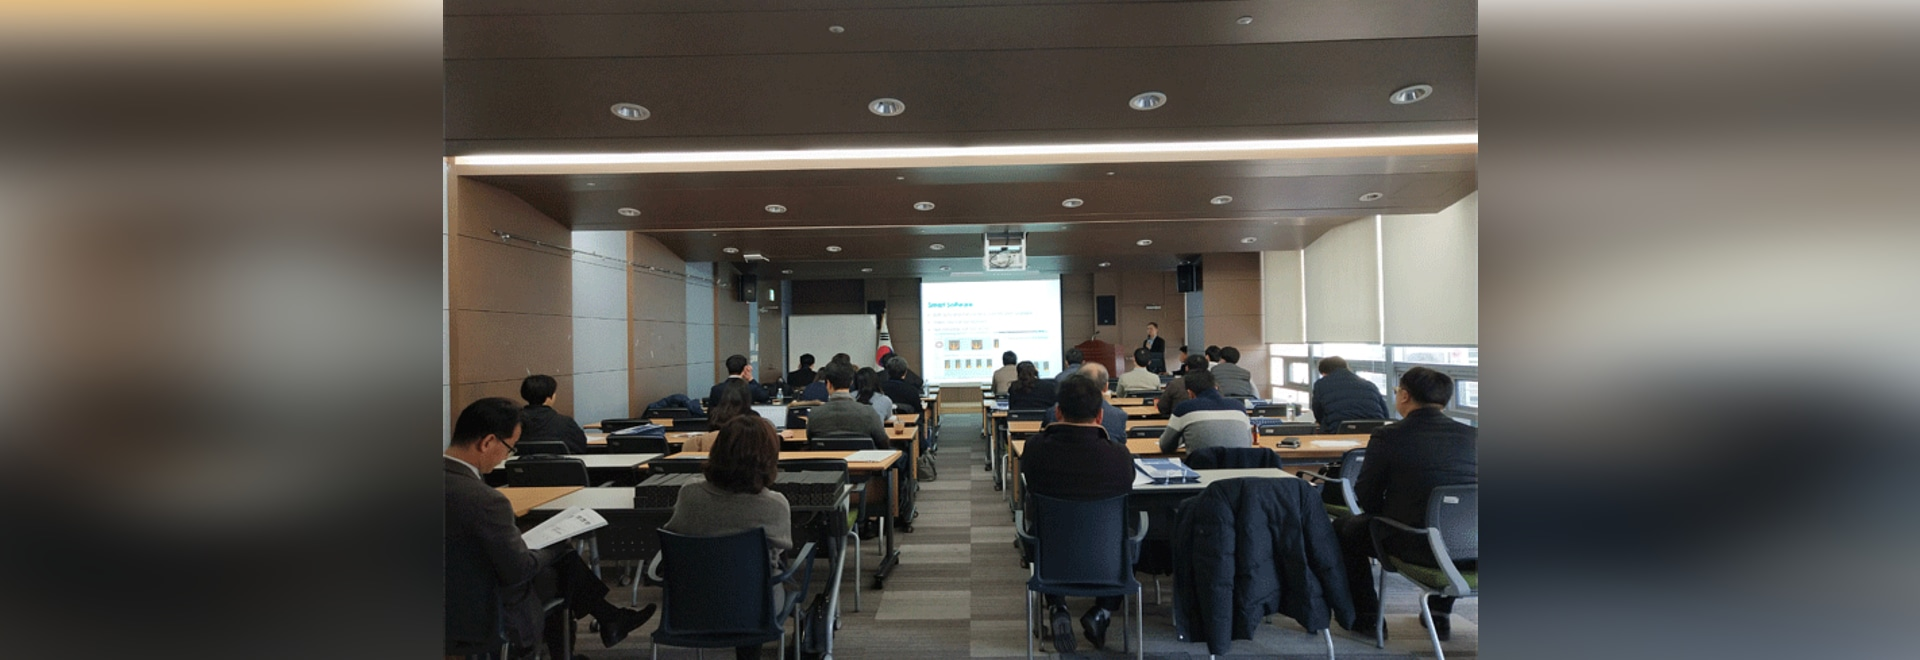 2do seminario de CKIC sobre el carbón, la biomasa y SRF sostenidos con éxito en Corea